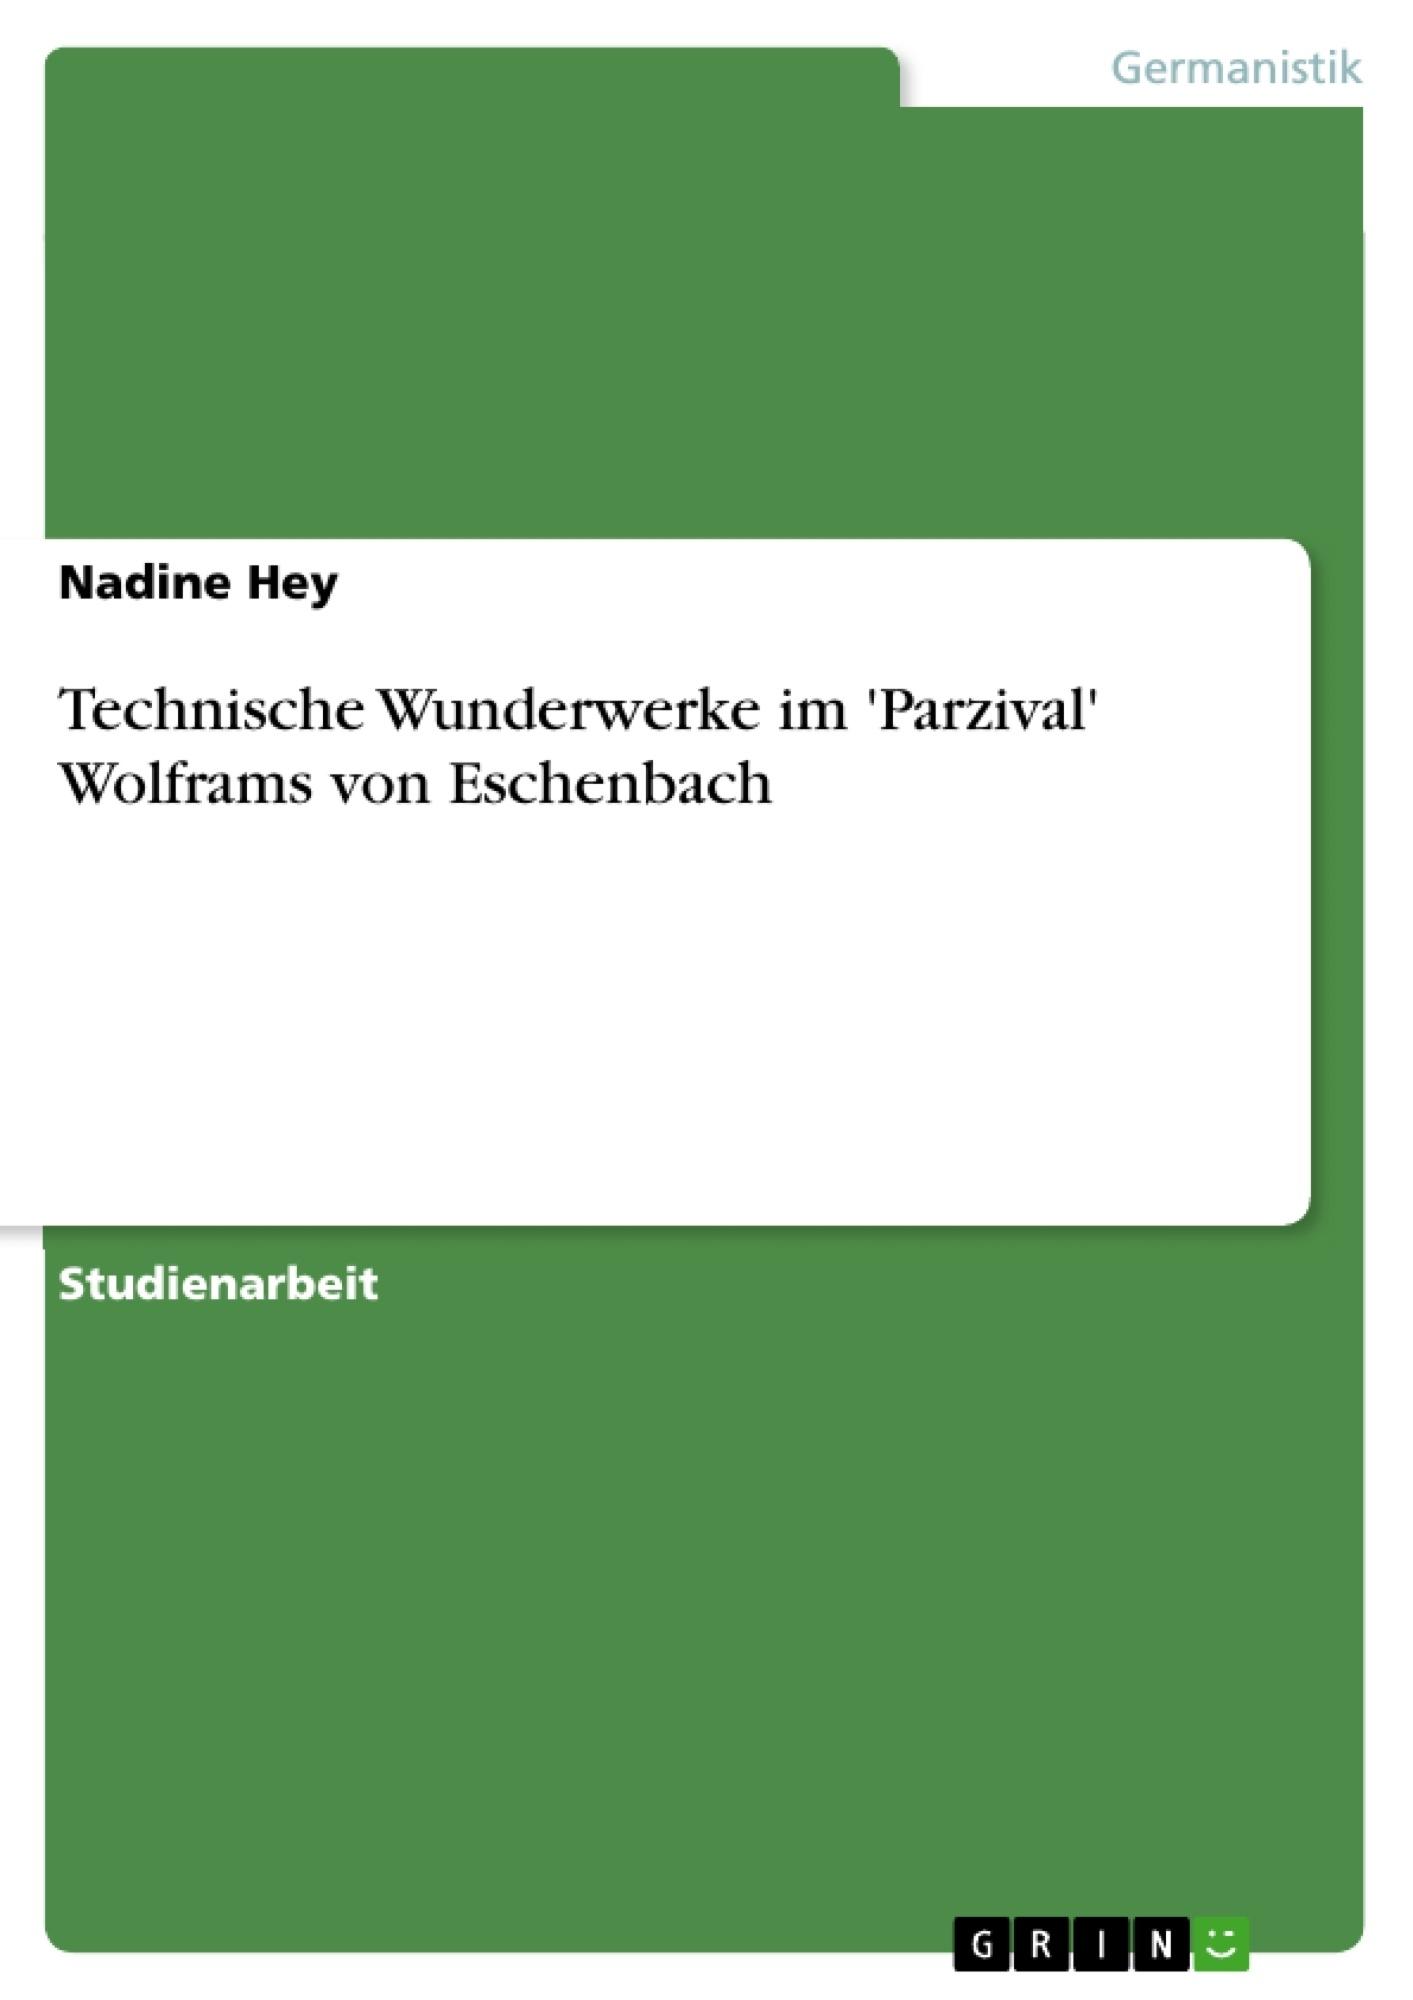 Titel: Technische Wunderwerke im 'Parzival' Wolframs von Eschenbach